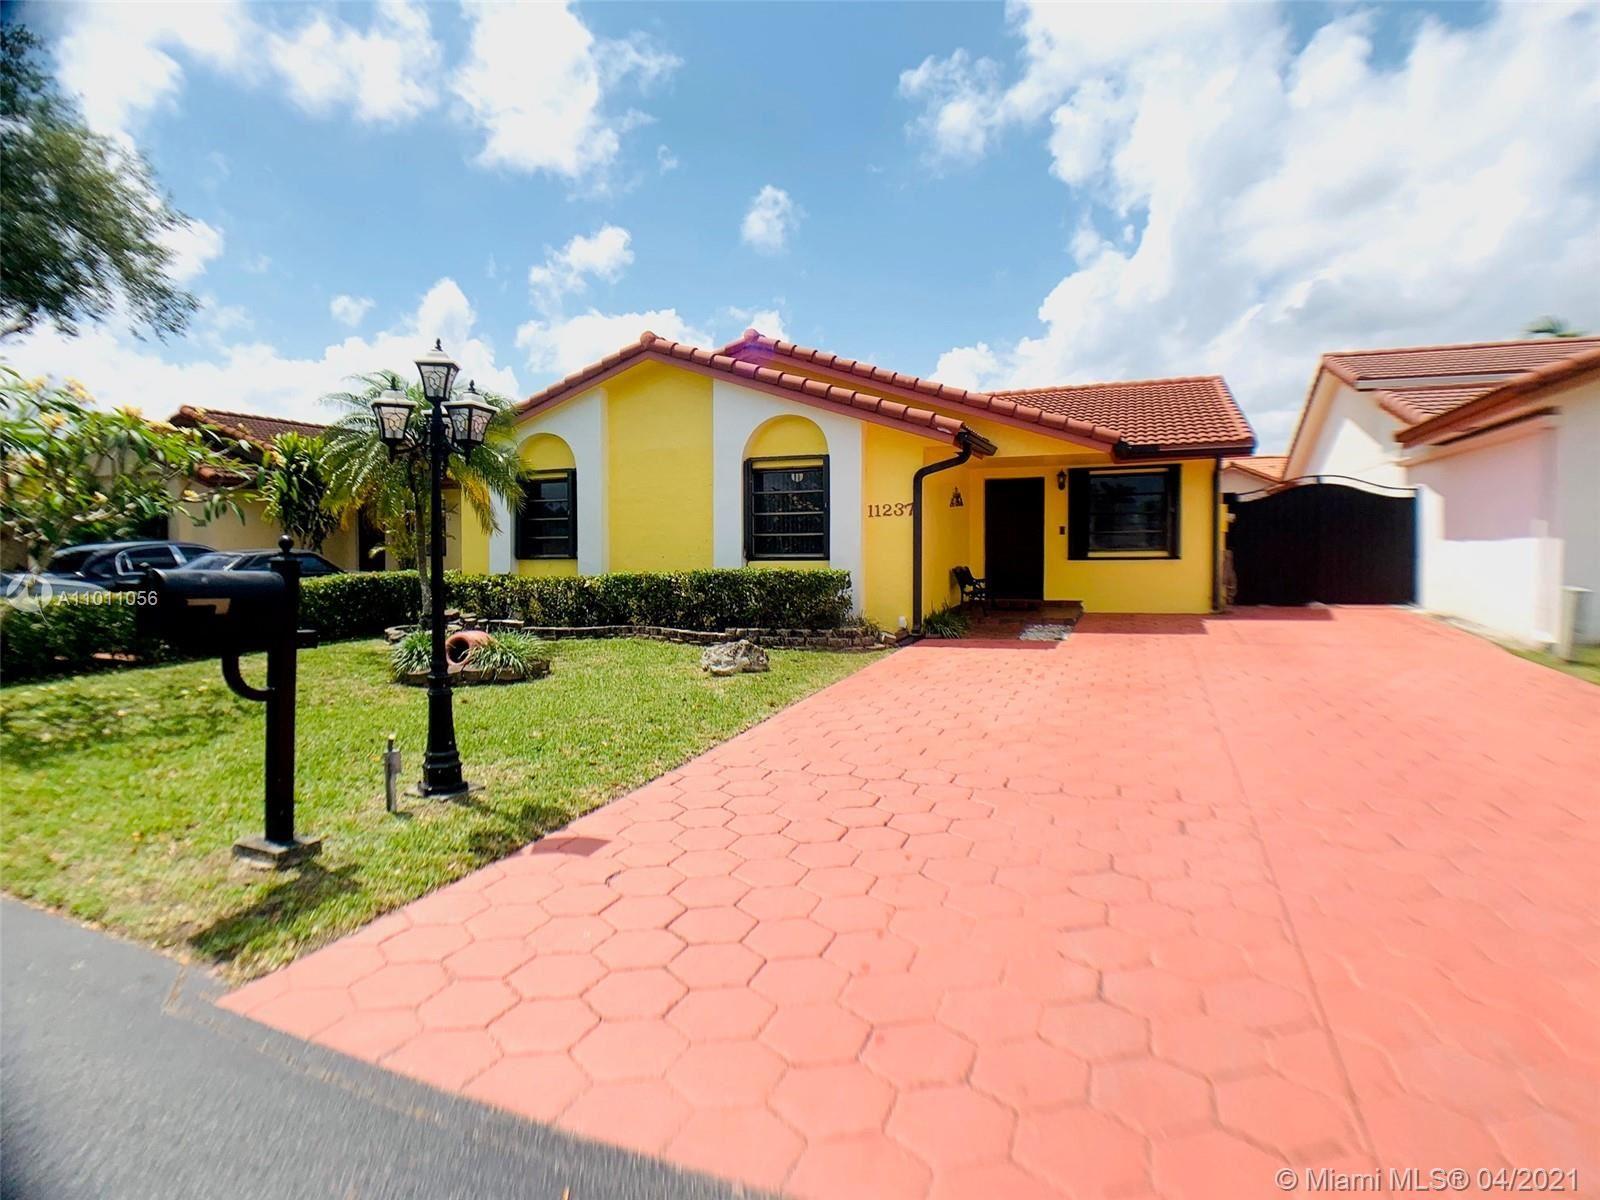 11237 SW 74th Ter, Miami, FL 33173 - #: A11011056